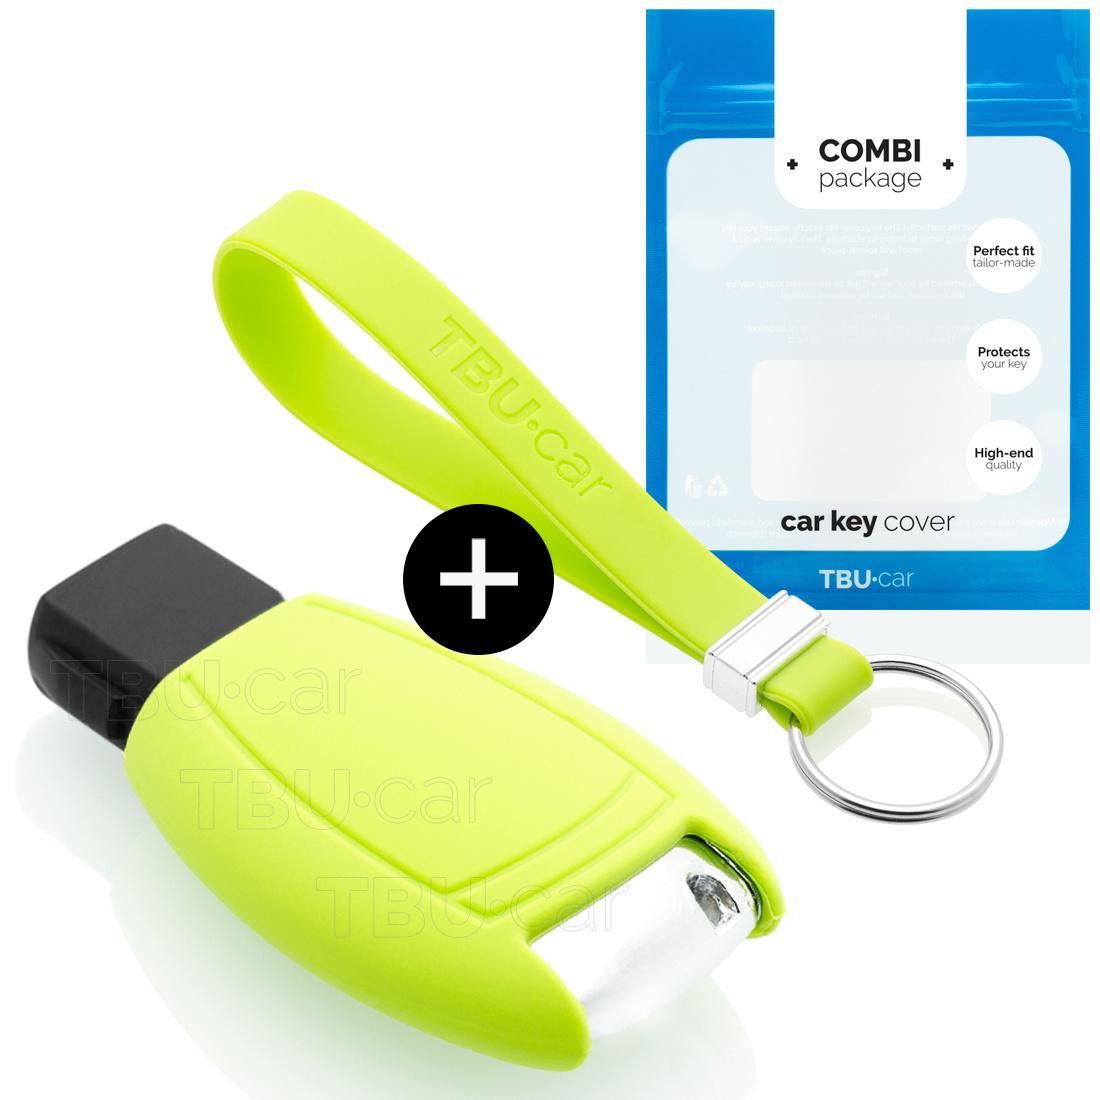 TBU car TBU car Sleutel cover compatibel met Mercedes - Silicone sleutelhoesje - beschermhoesje autosleutel - Lime groen